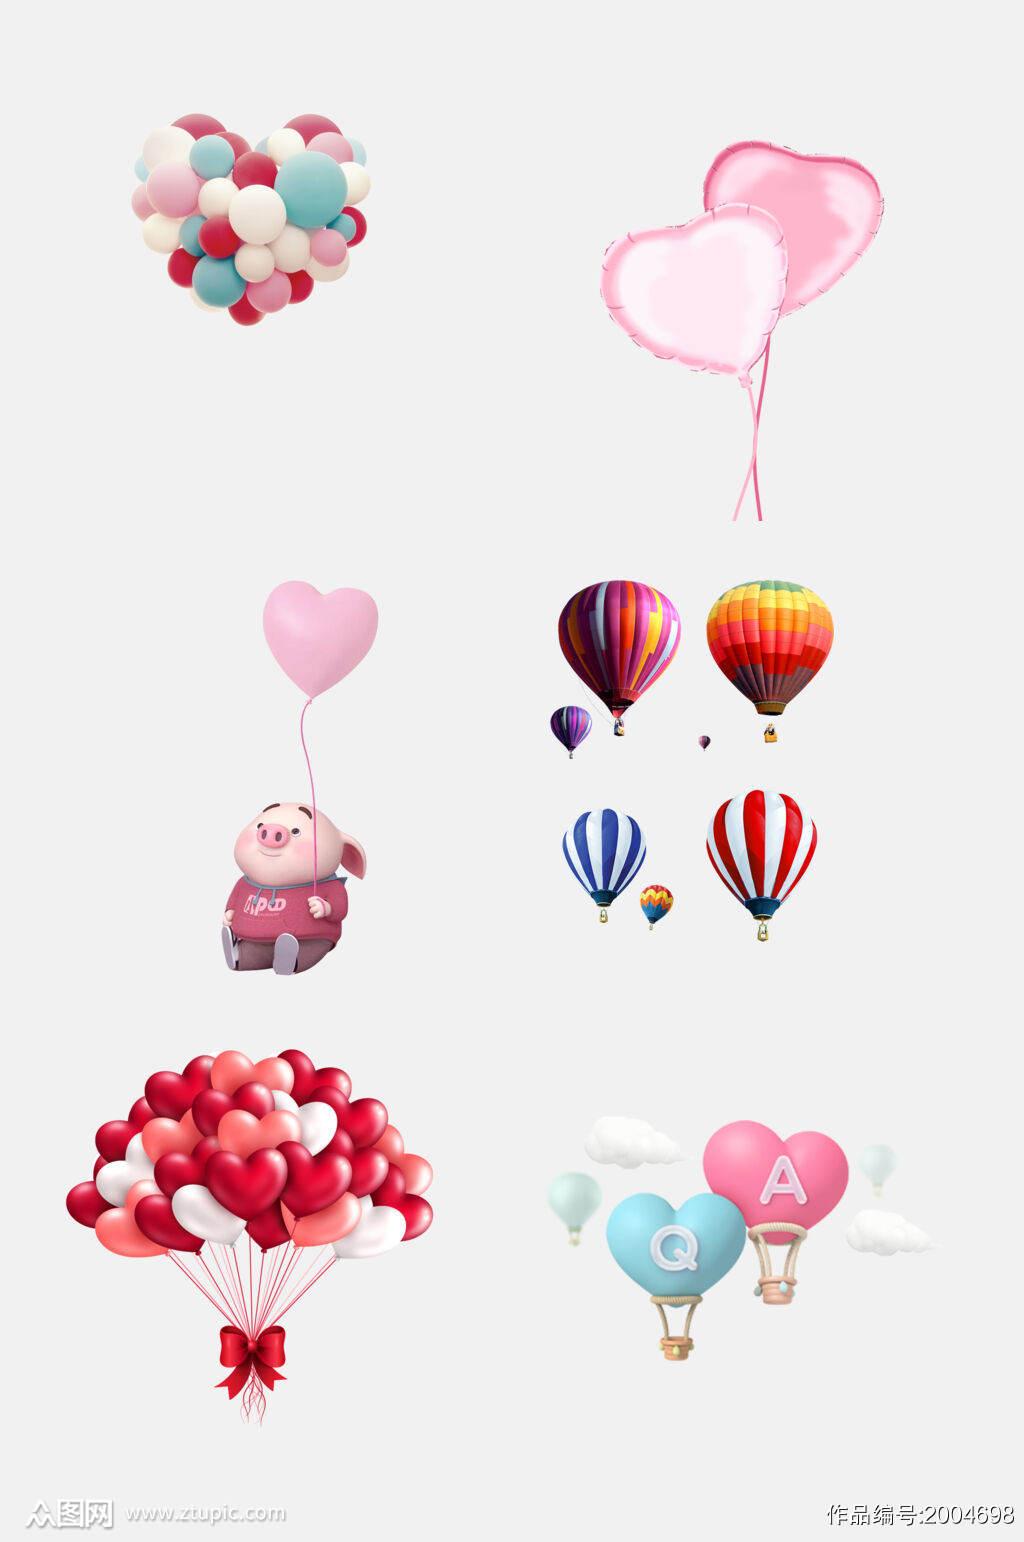 卡通动物爱心气球免抠元素素材